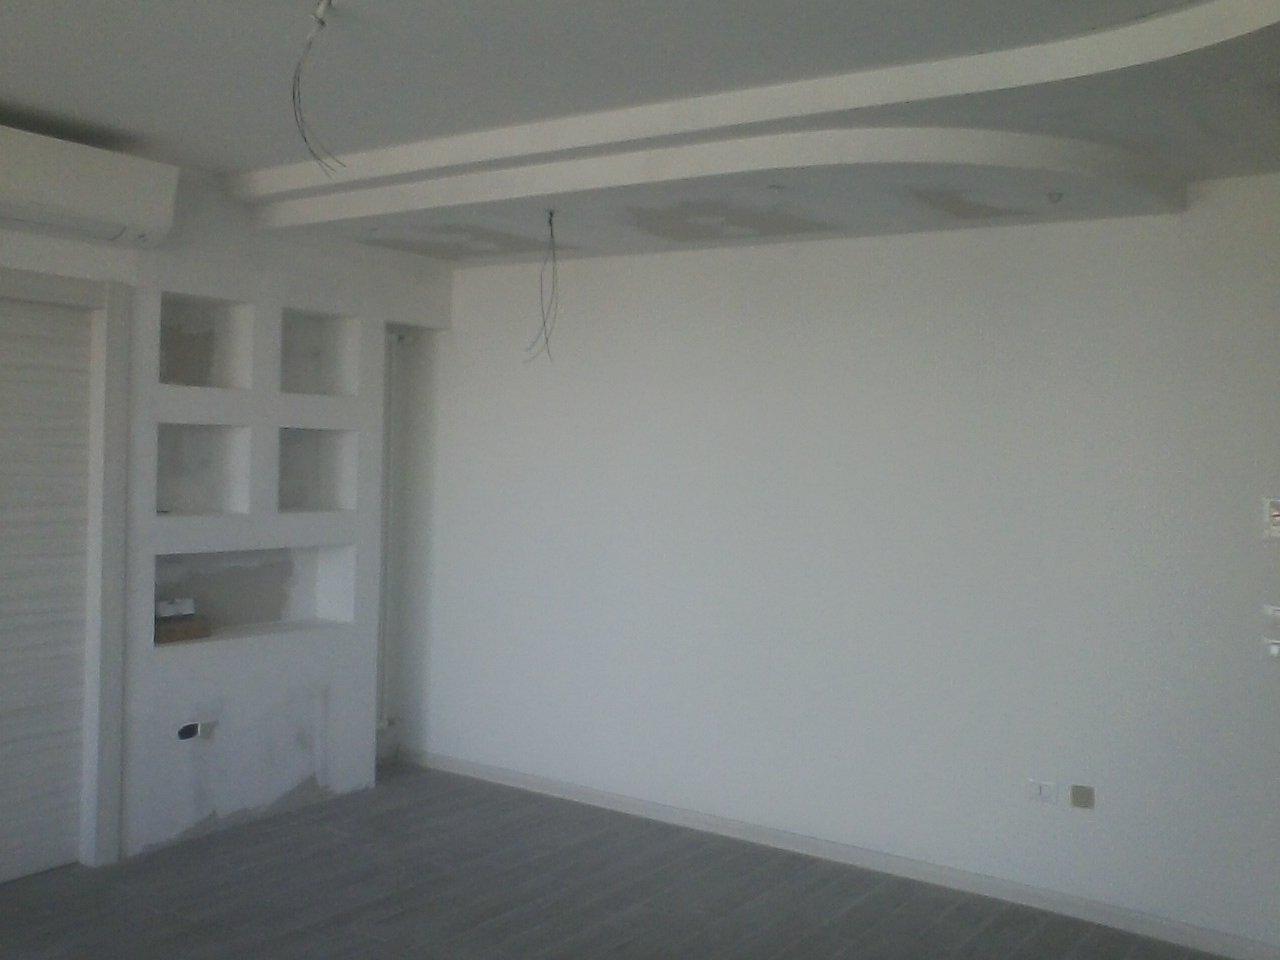 angolo di una stanza con parete e controsoffitto in cartongesso